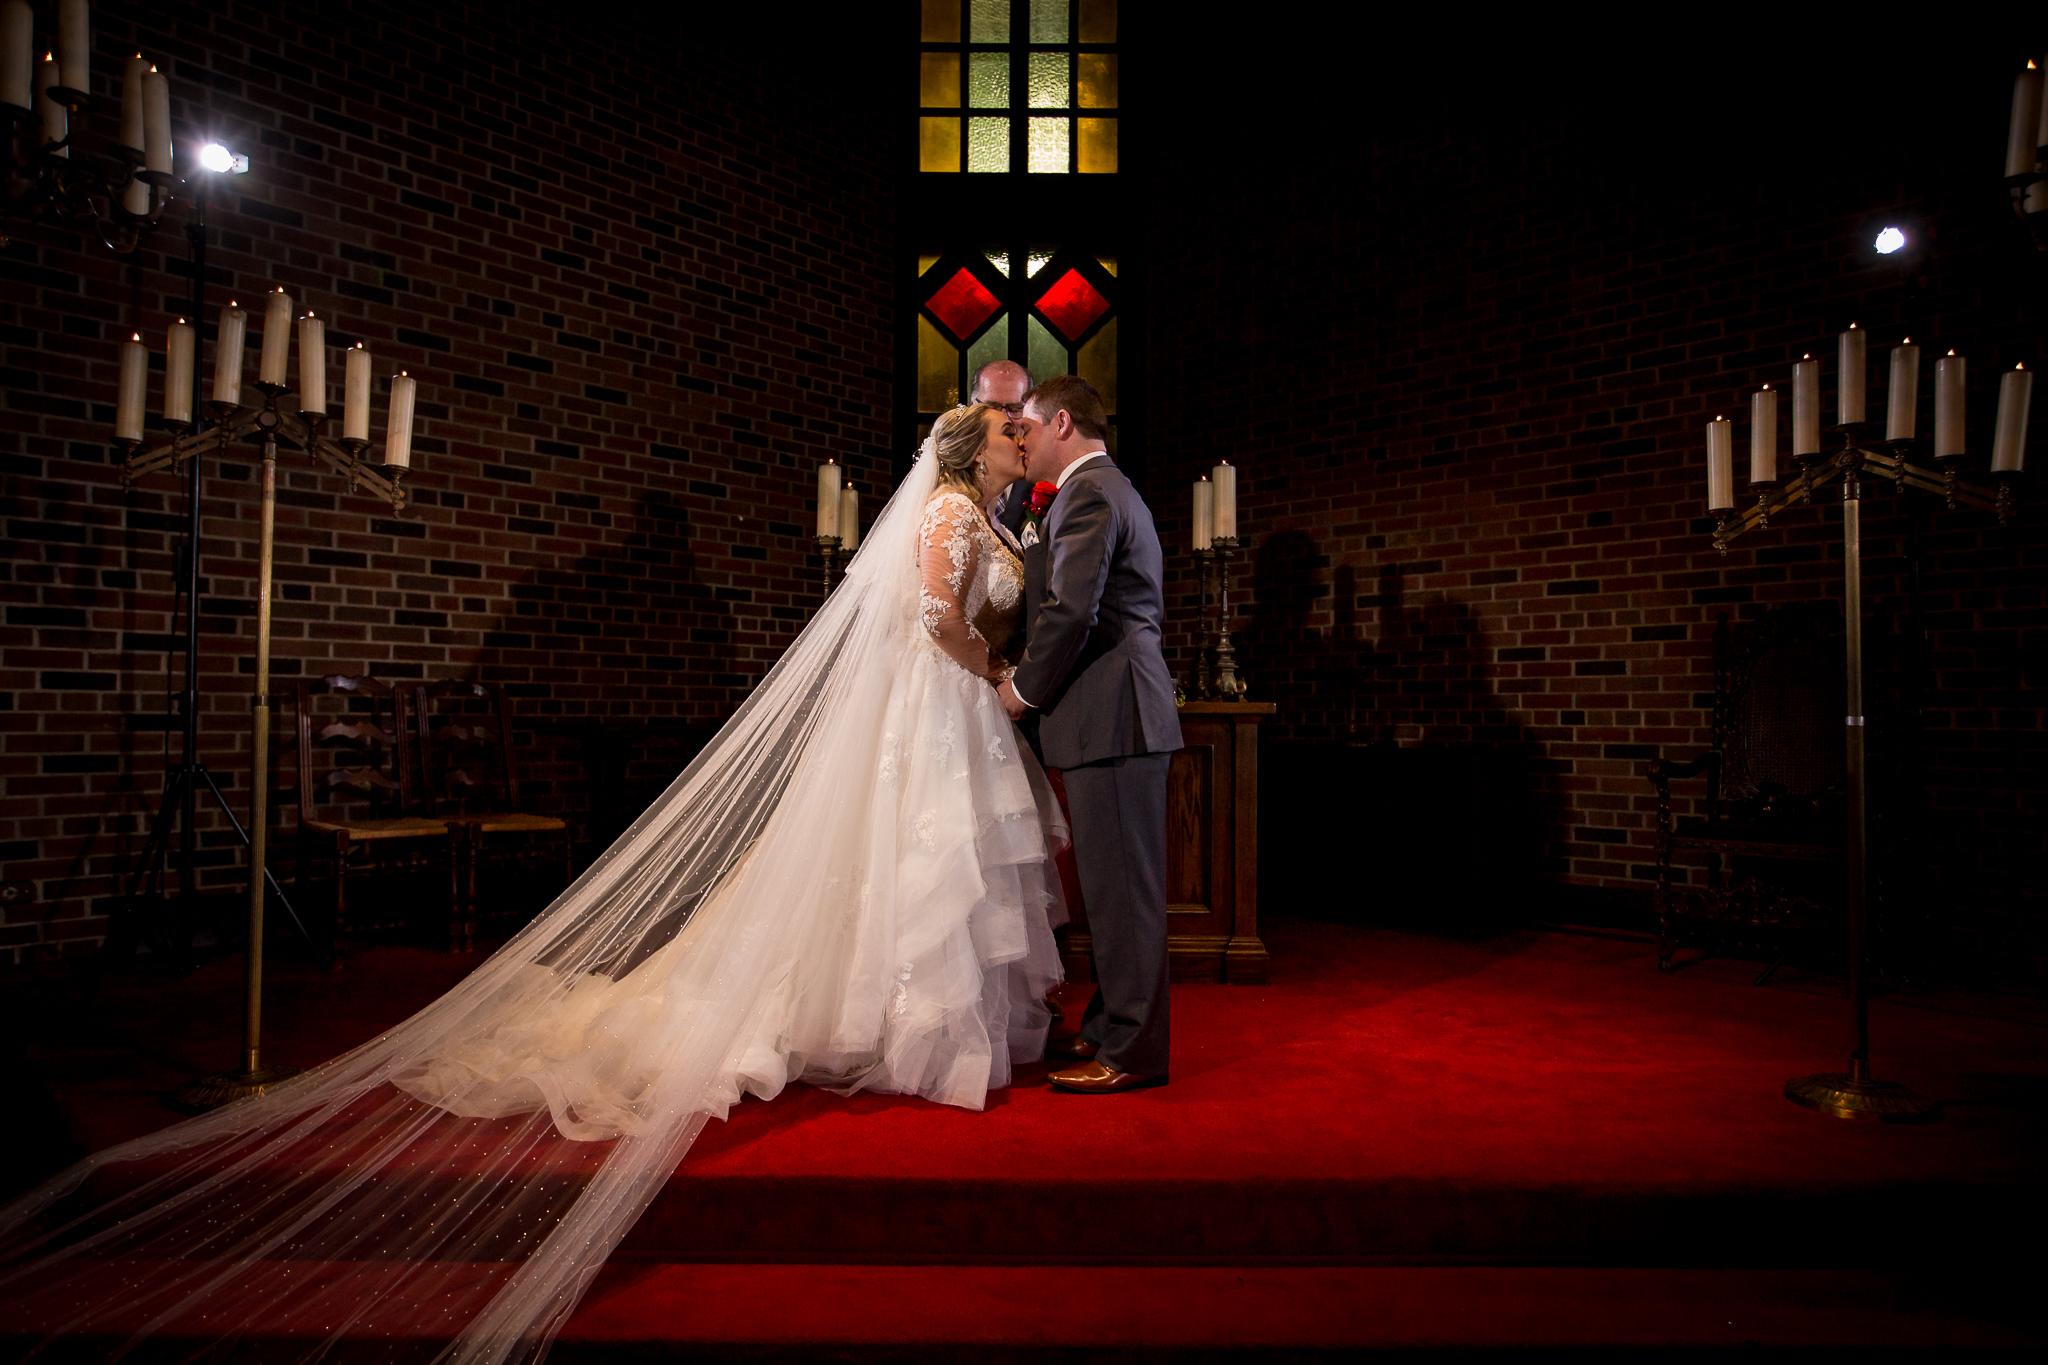 old-mill-wedding-photos-17-2.jpg